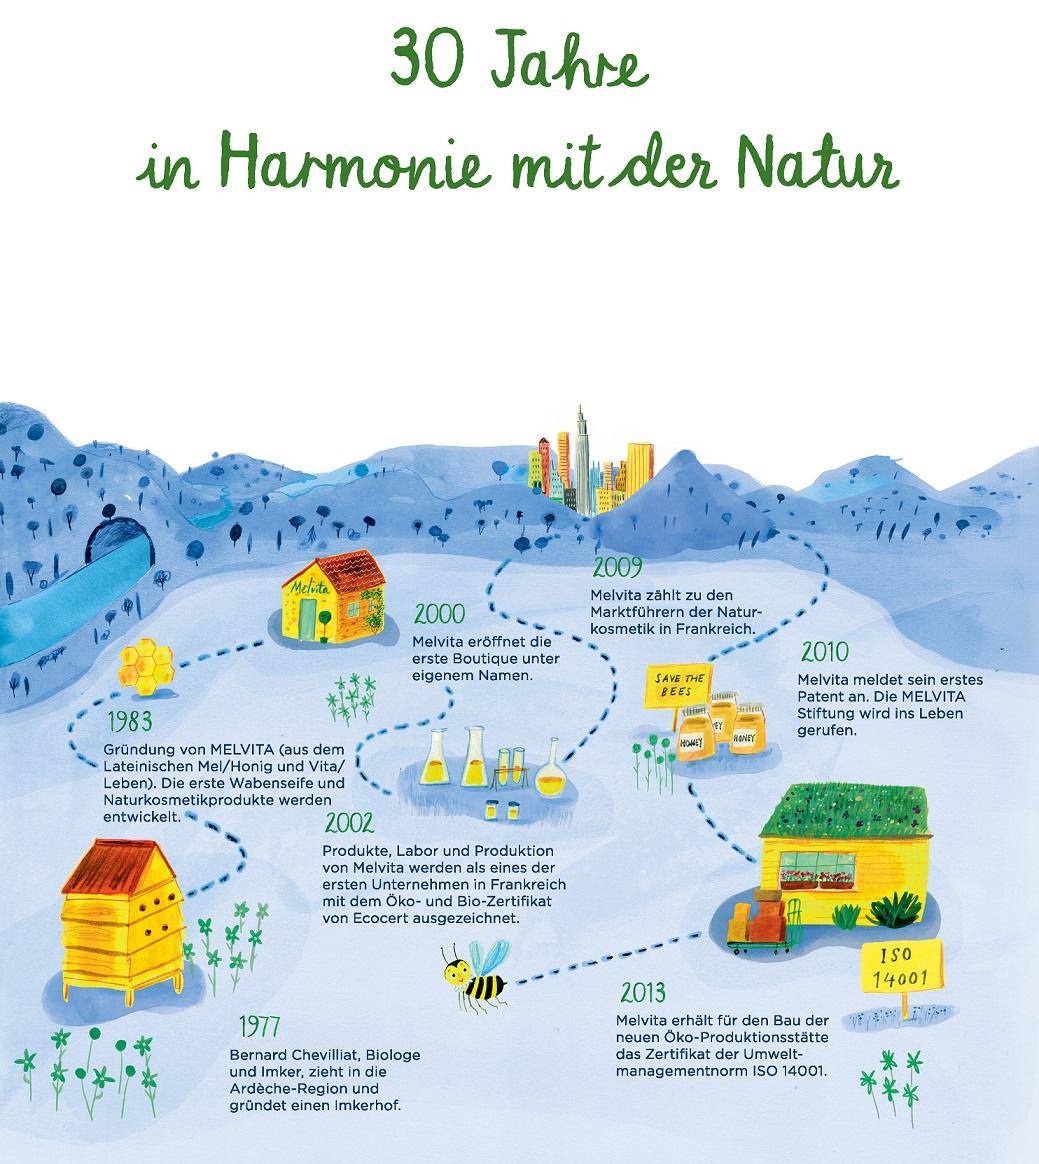 30 Jahre in Harmonie mit der Natur